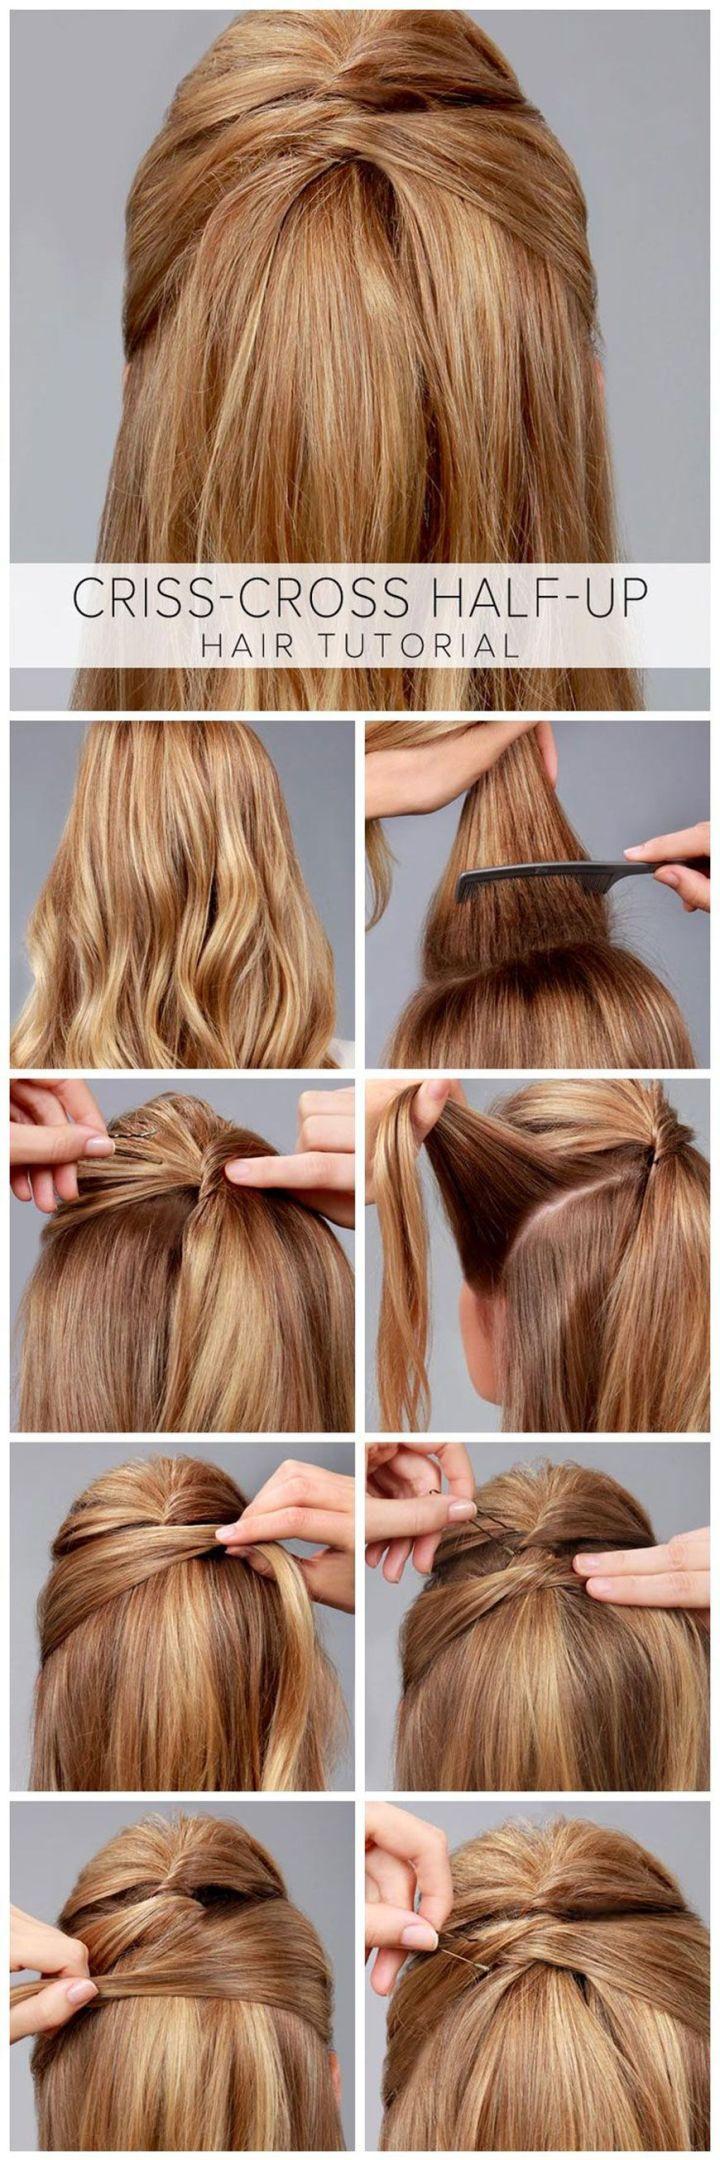 9 kiểu hè đơn giản xinh xắn cho tóc dài